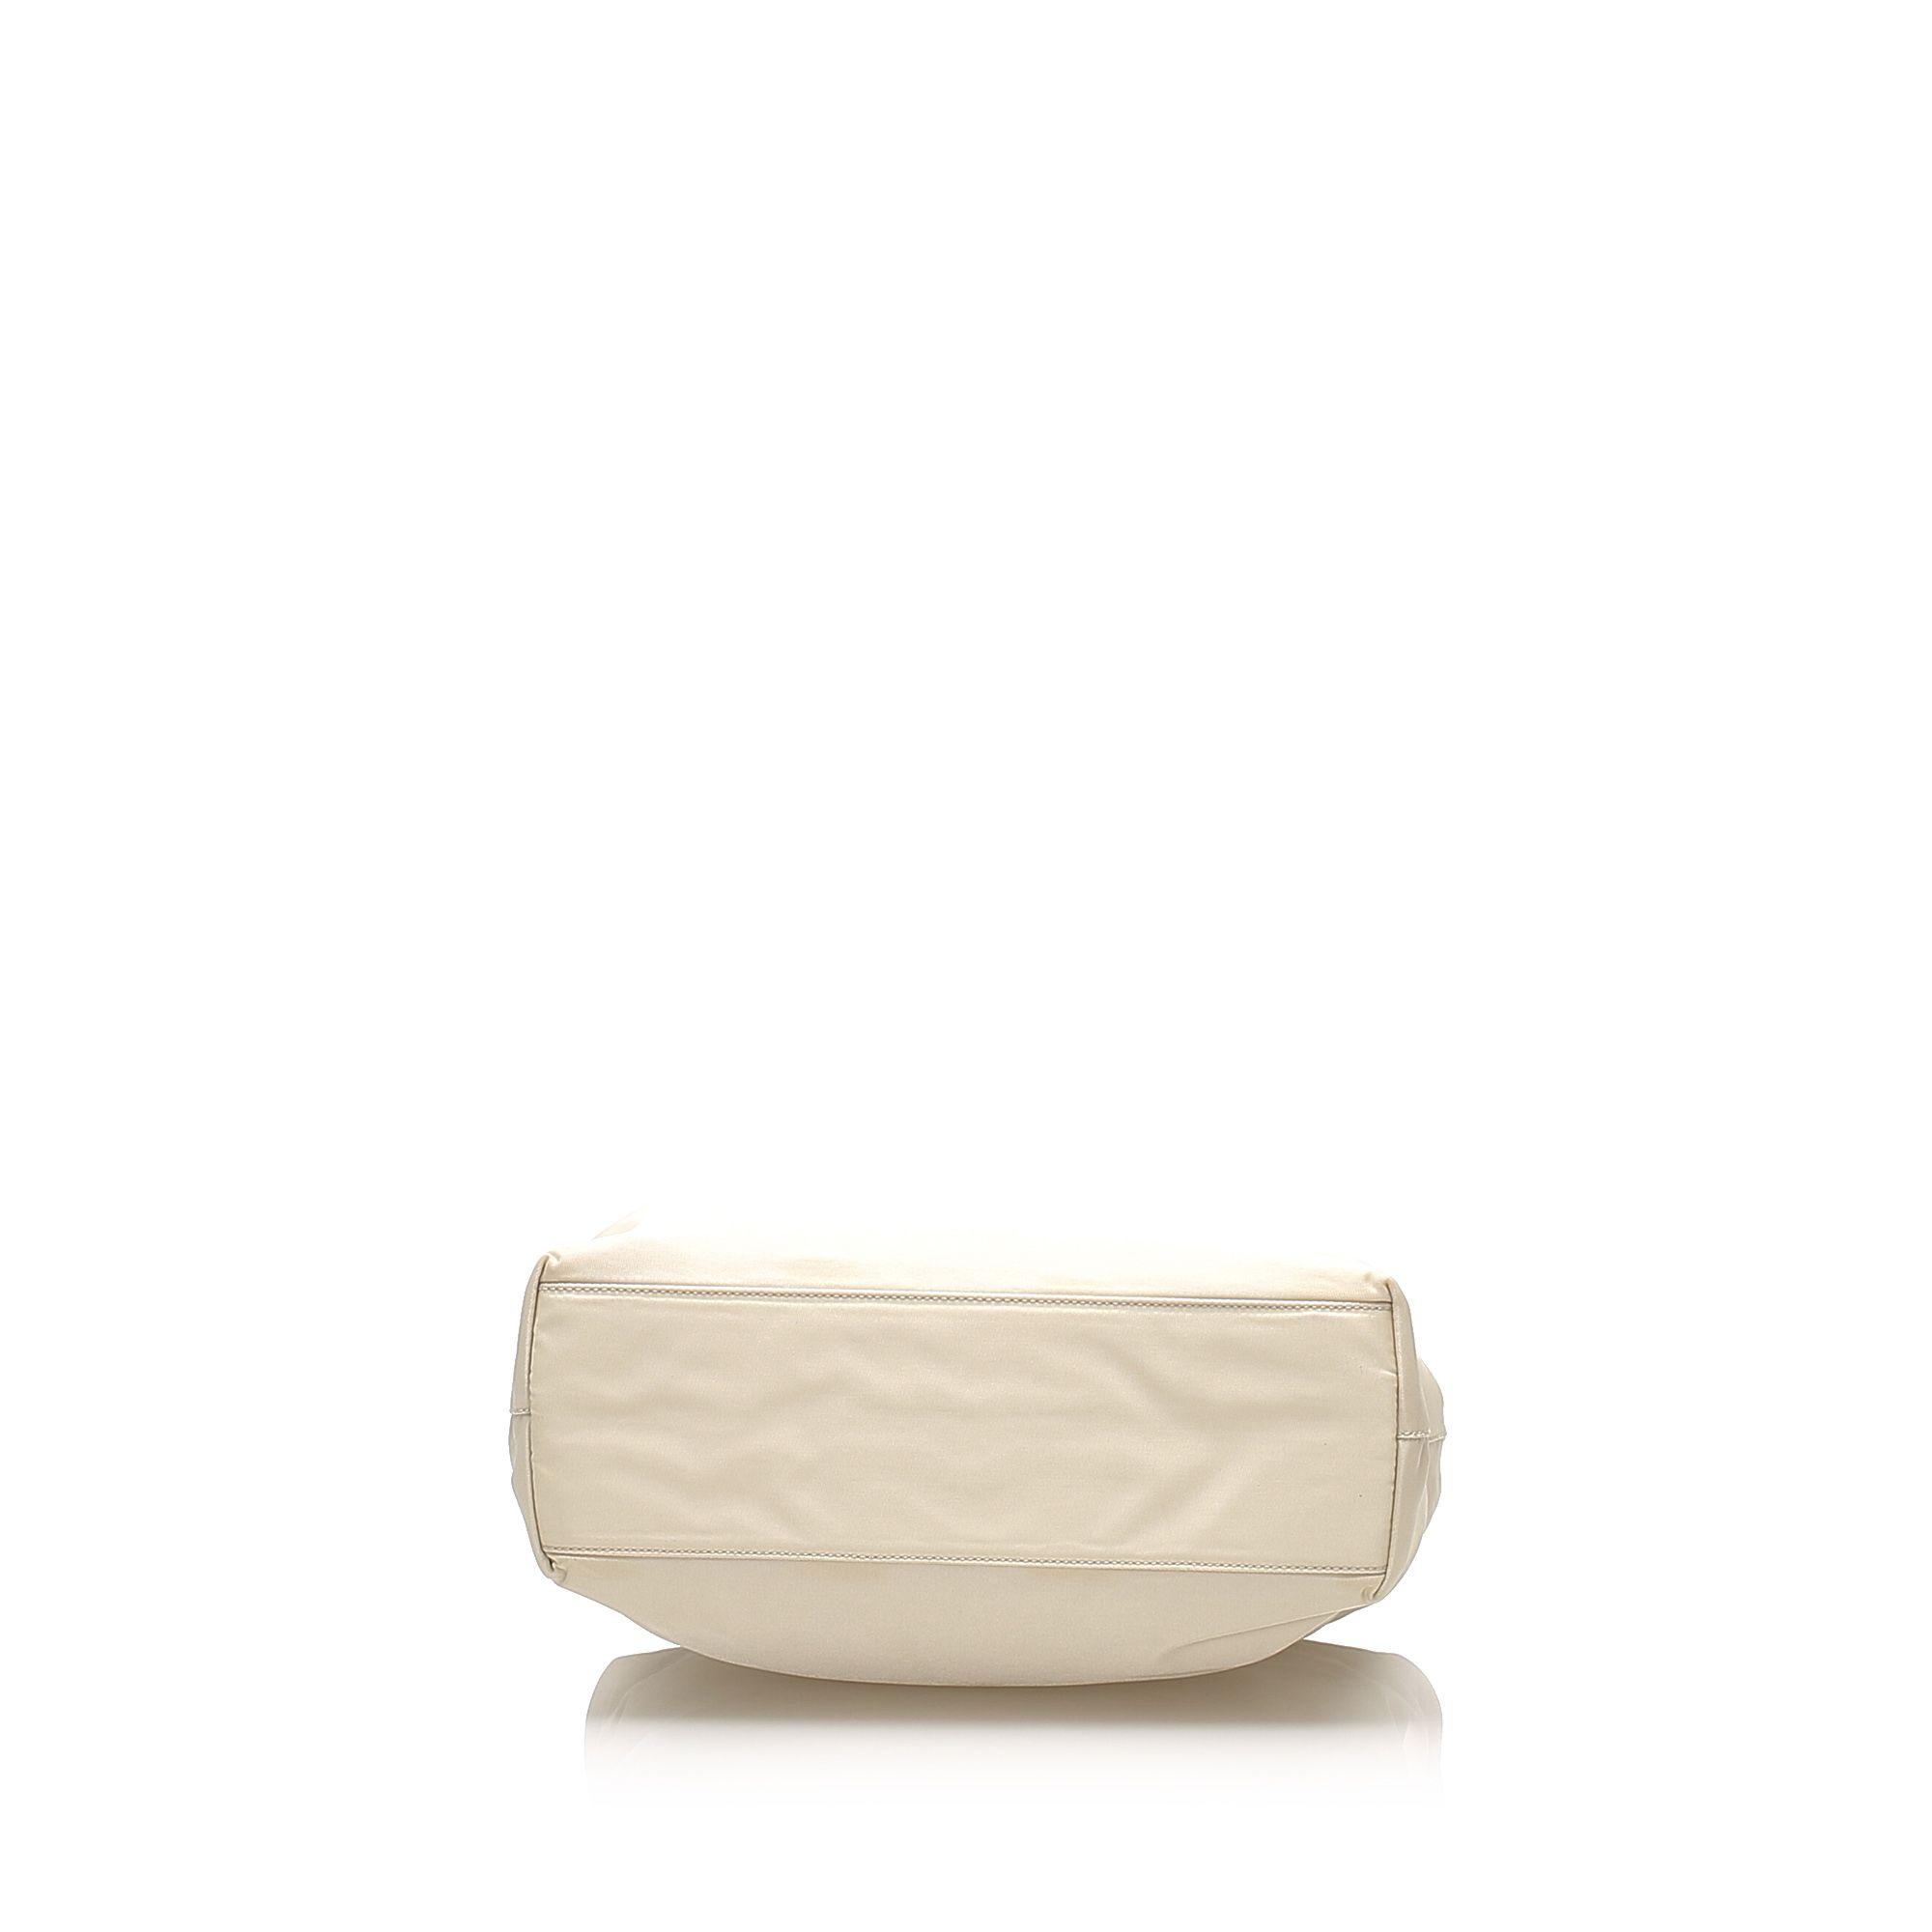 Vintage Prada Tessuto Tote Bag White